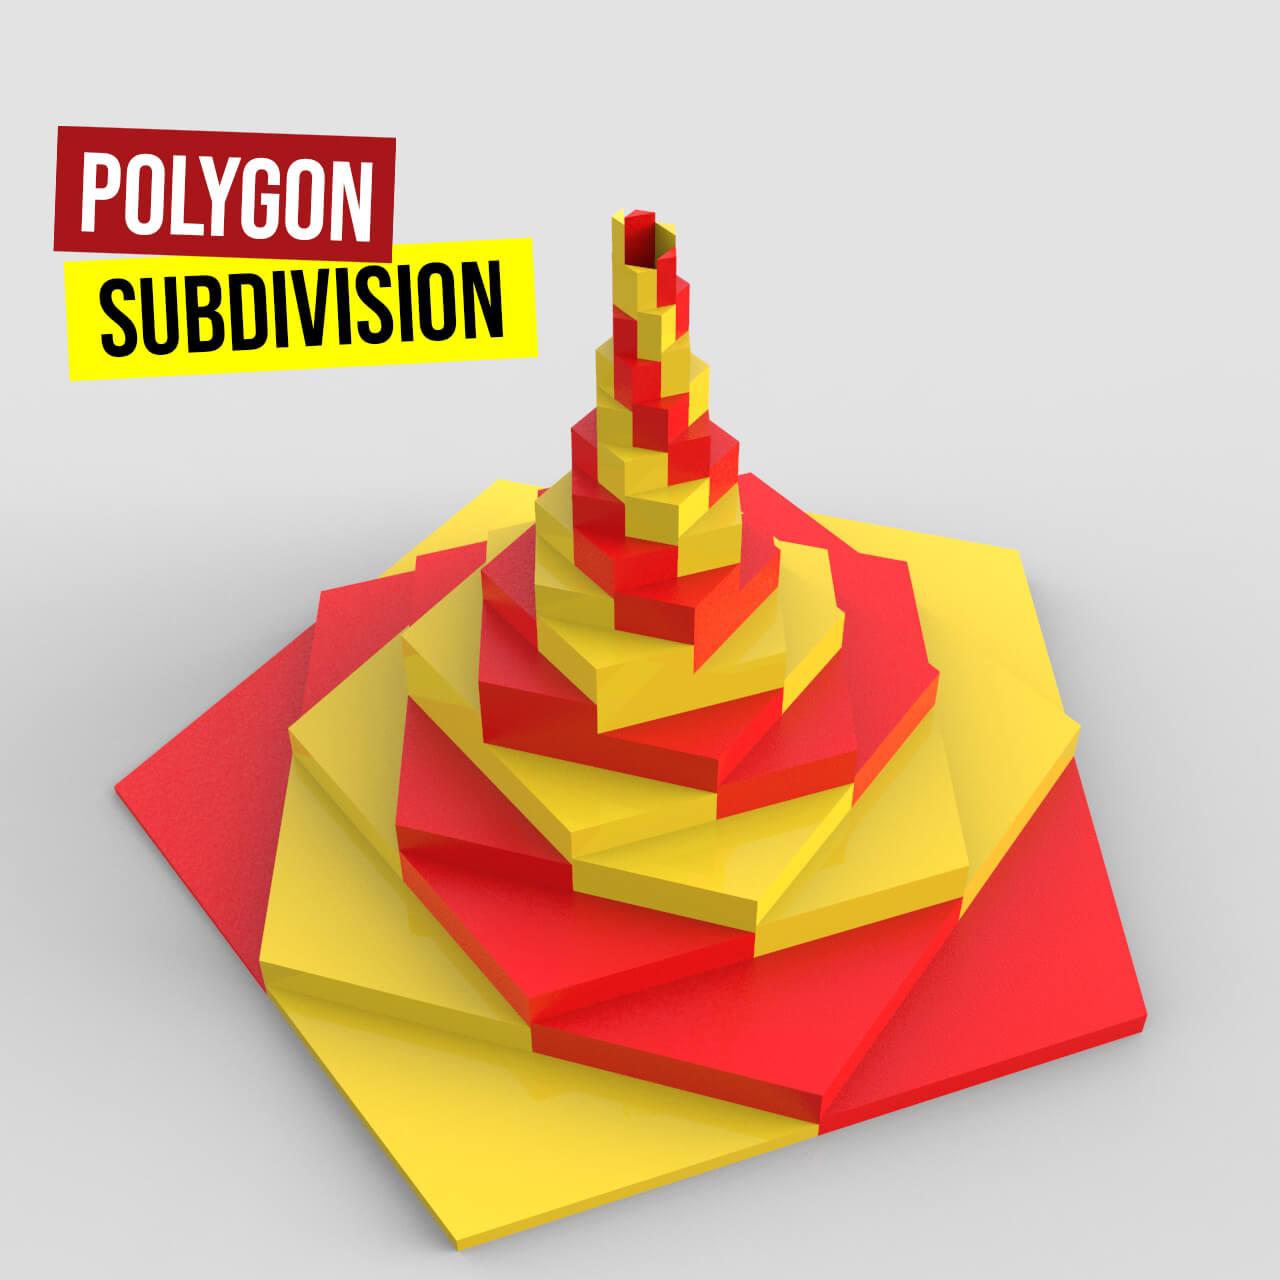 polygon-subdivision-1200